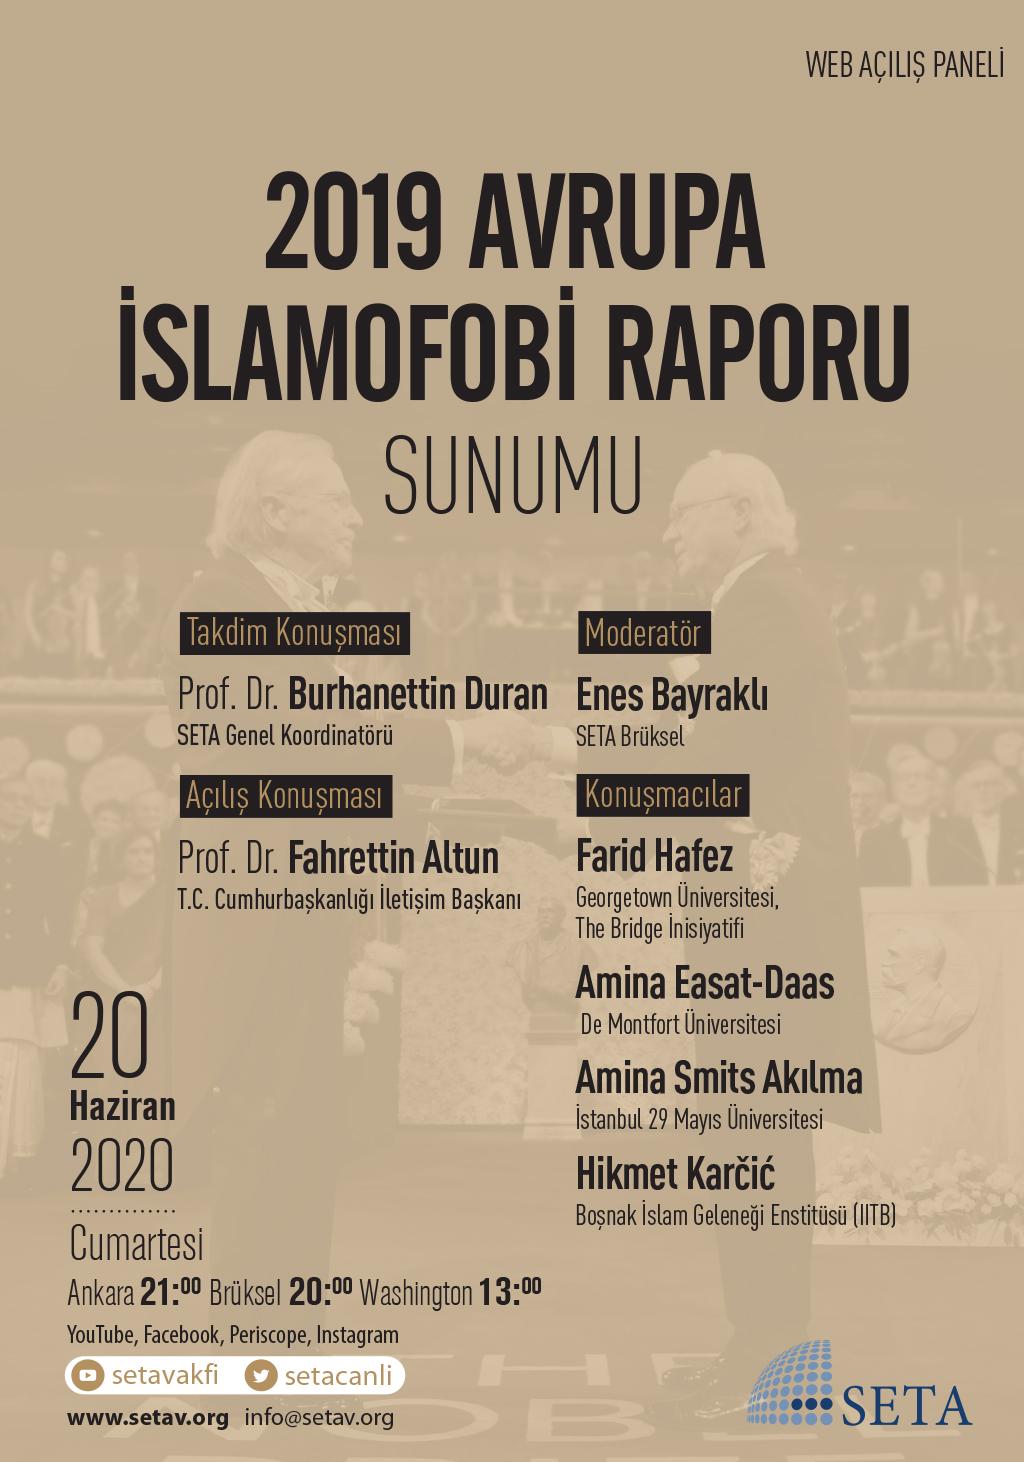 Web Açılış Paneli: 2019 Avrupa İslamofobi Raporu Sunumu